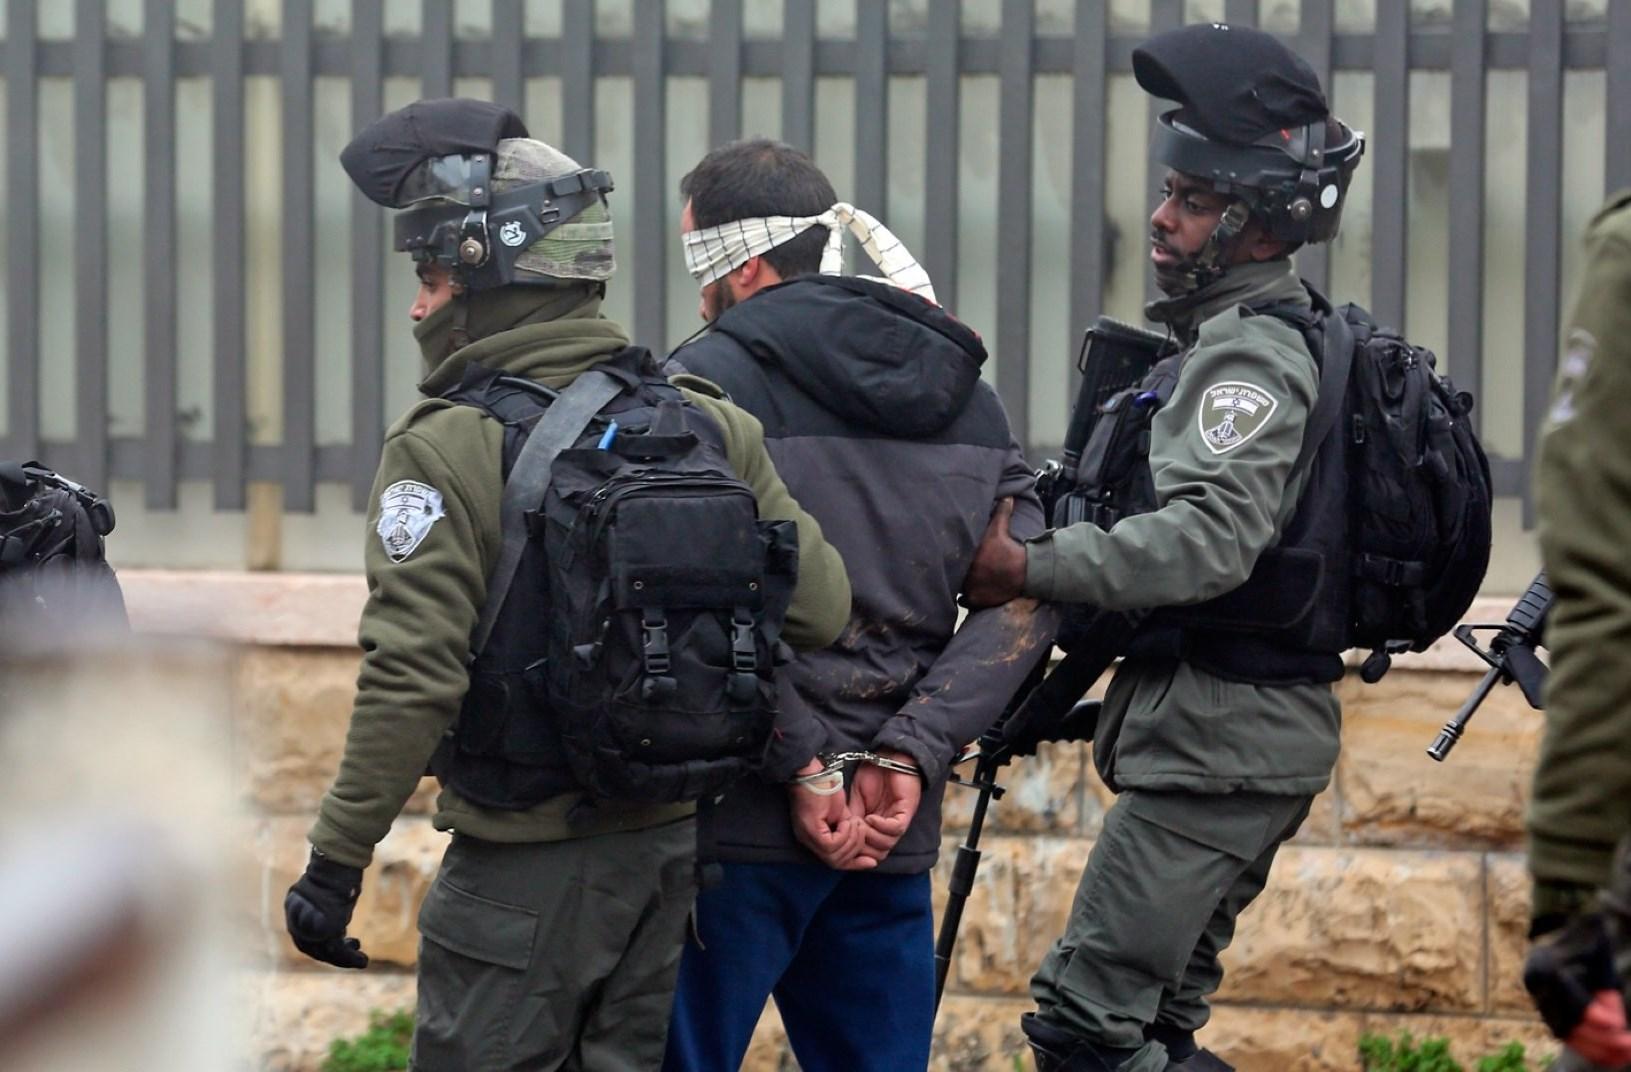 نادي الأسير: ارتفاع عدد المصابين بفيروس كورونا بين الأسرى المعتقلين في سجون الاحتلال